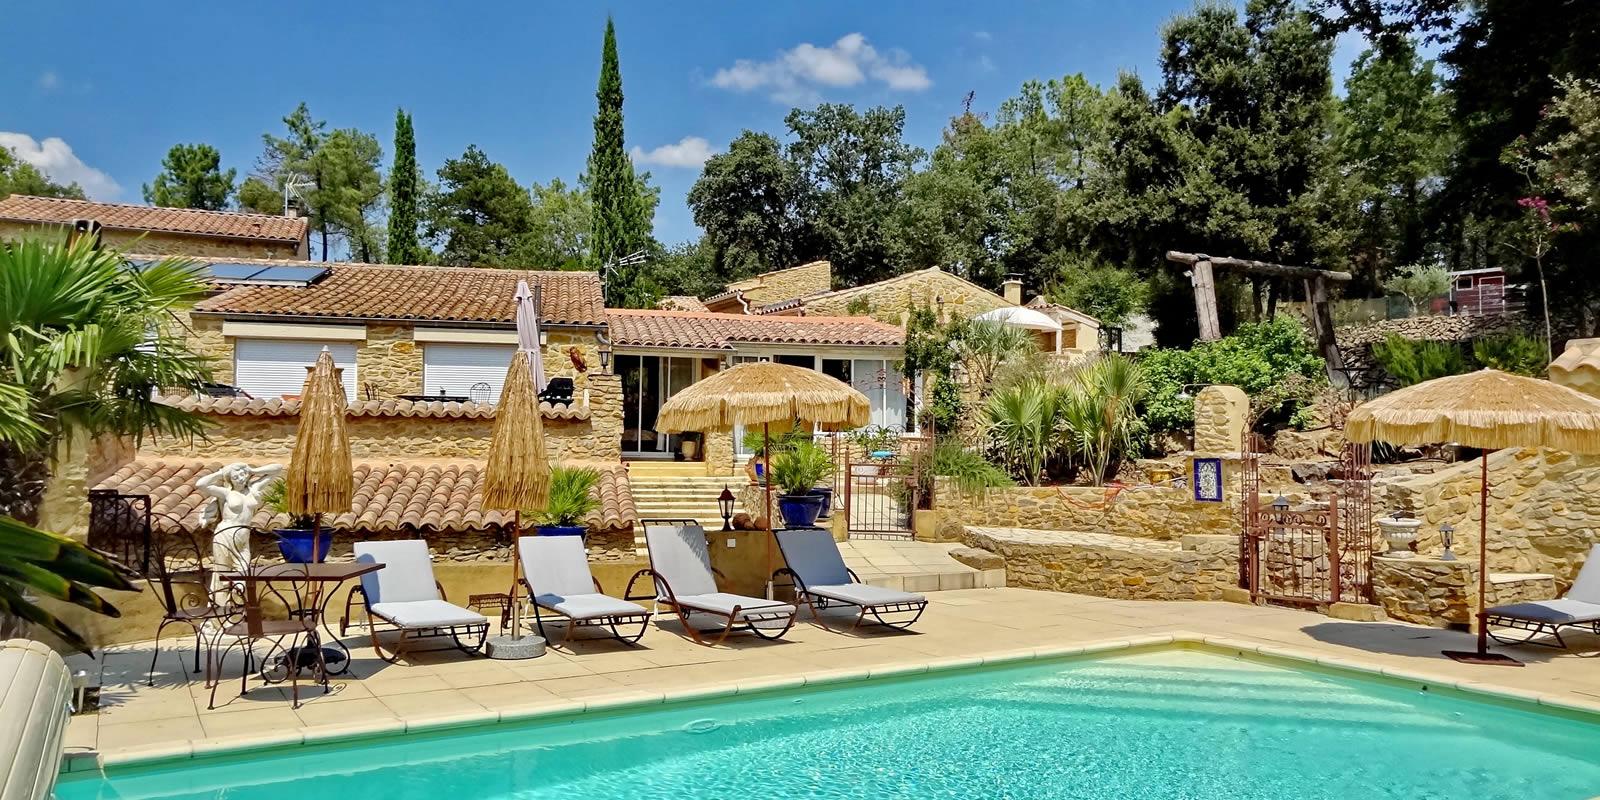 Gîtes et Chambres d'hôtes Les Restanques - La piscine